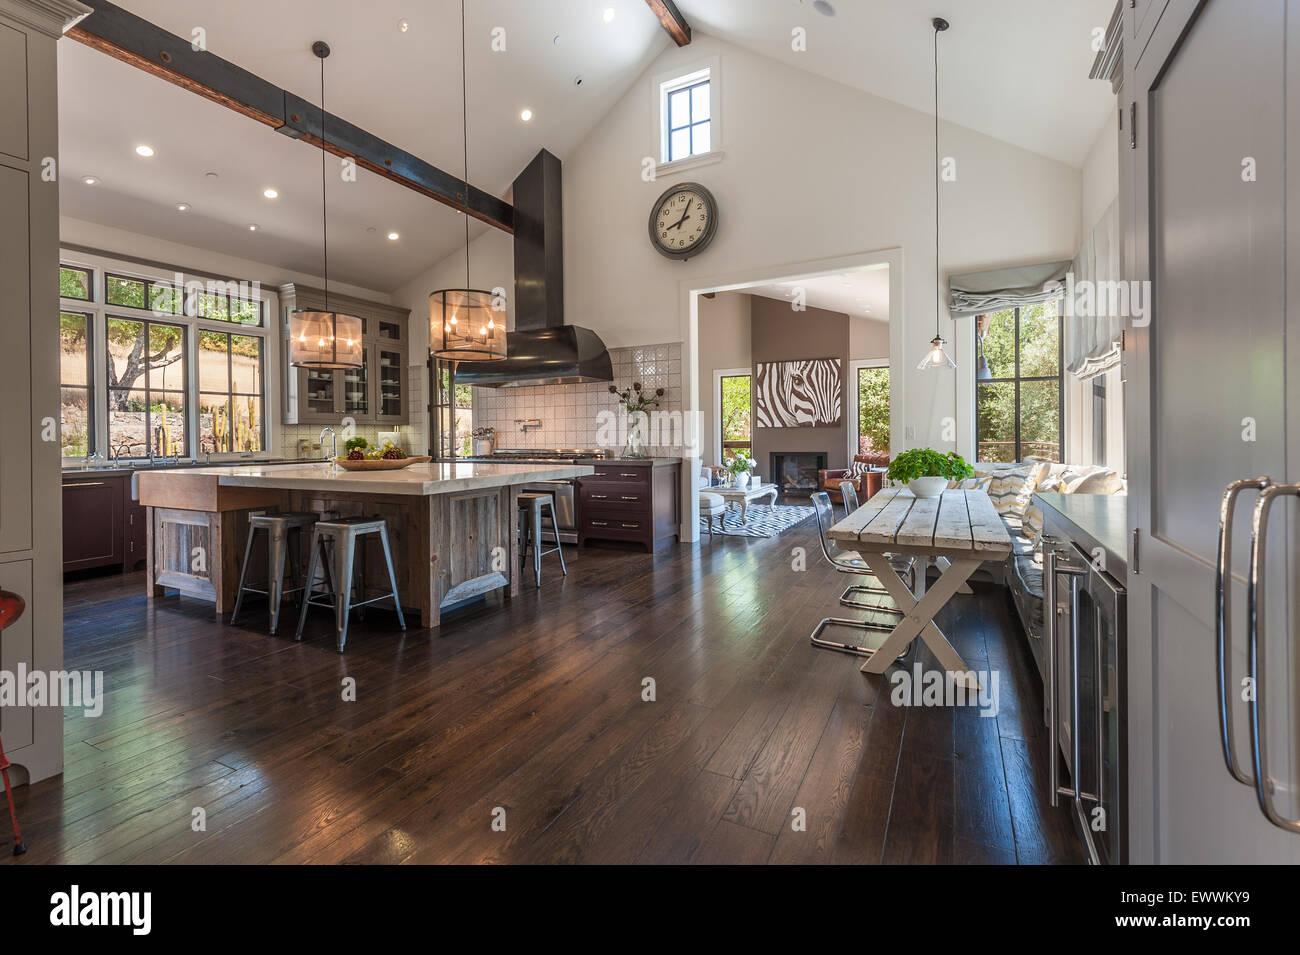 Controsoffitto Con Travi In Legno : Grande rustica cucina contemporanea con con travi in legno a vista